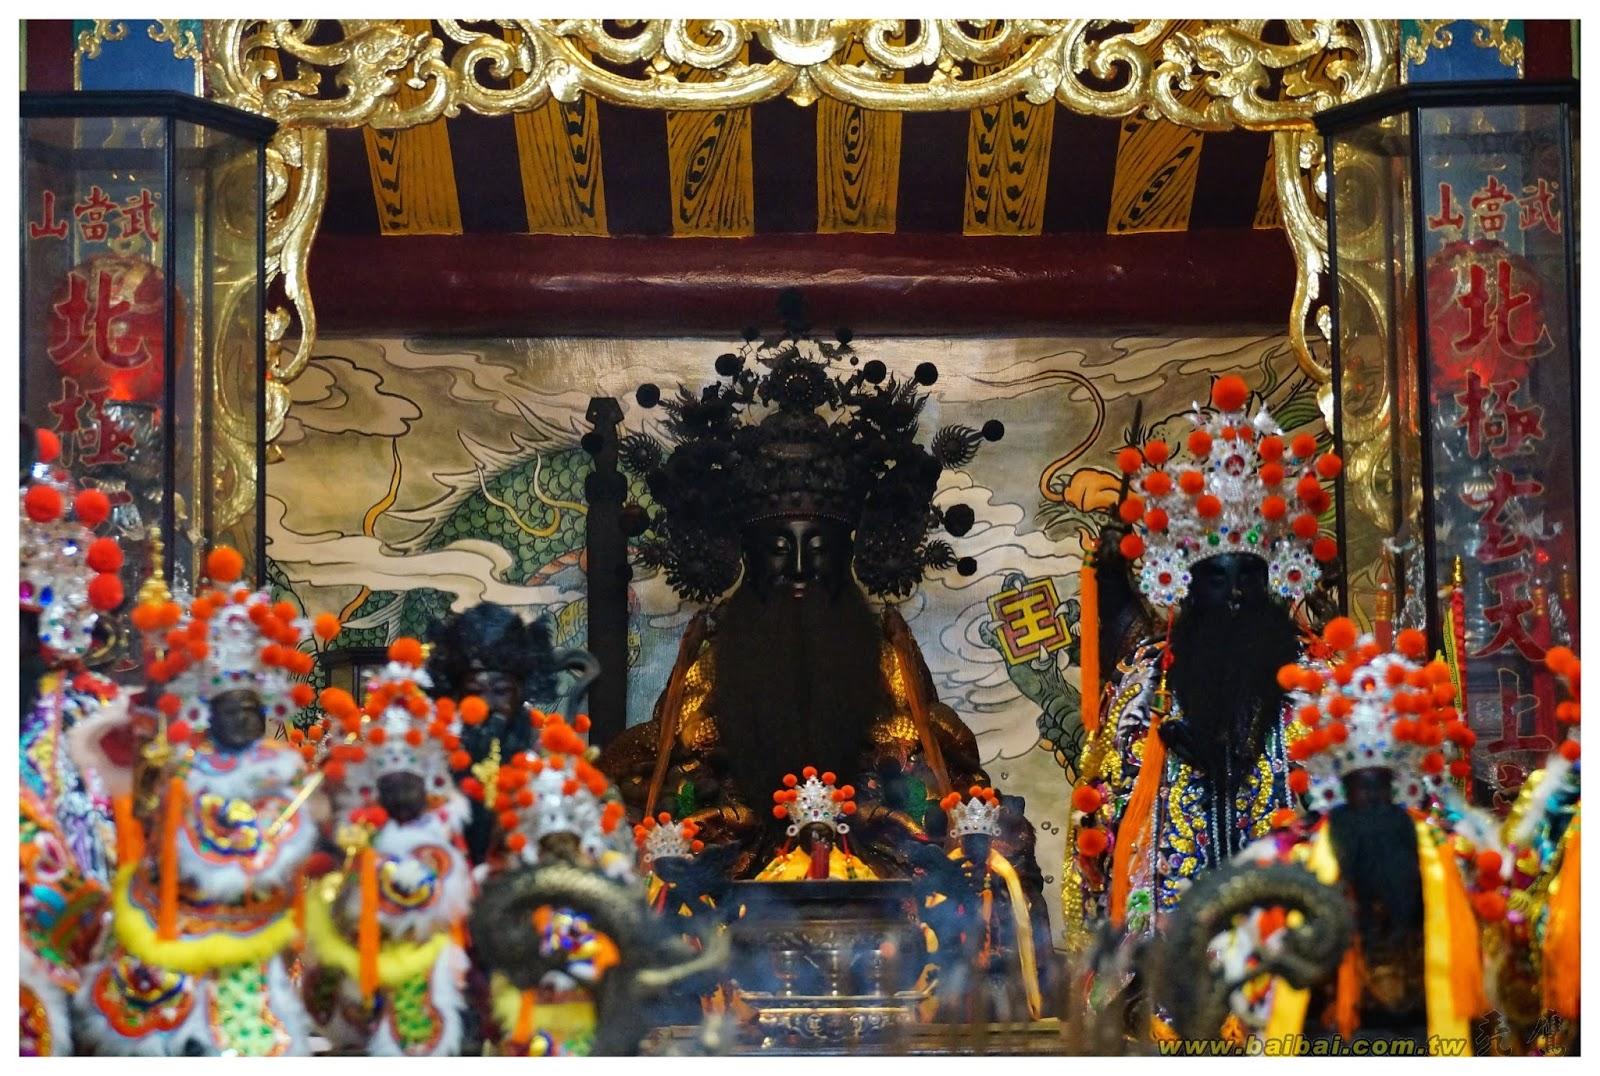 廟宇之旅-行!來去拜拜: 武當山上帝廟